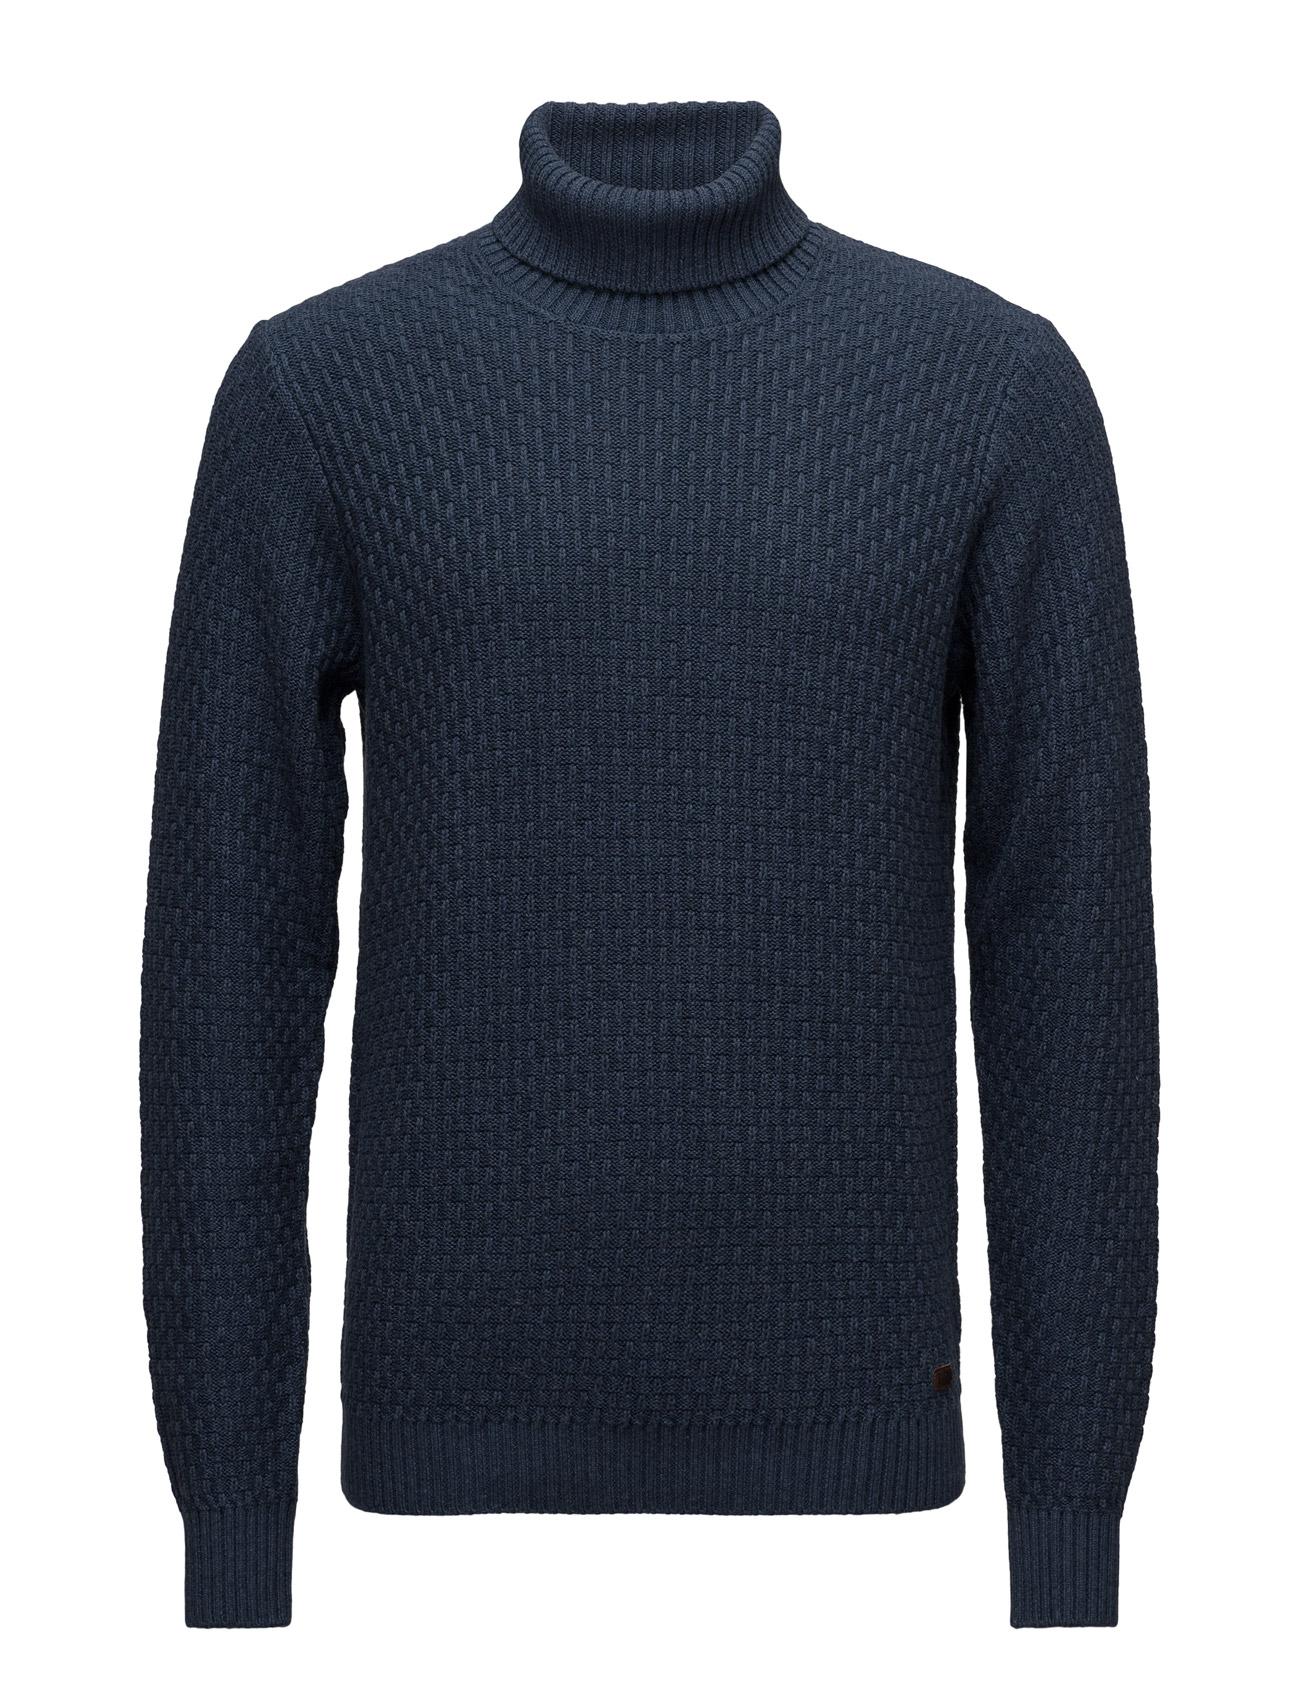 114041a9f646 Shop Sylvester Signal Højhalsede i til Herrer i en online fashion store